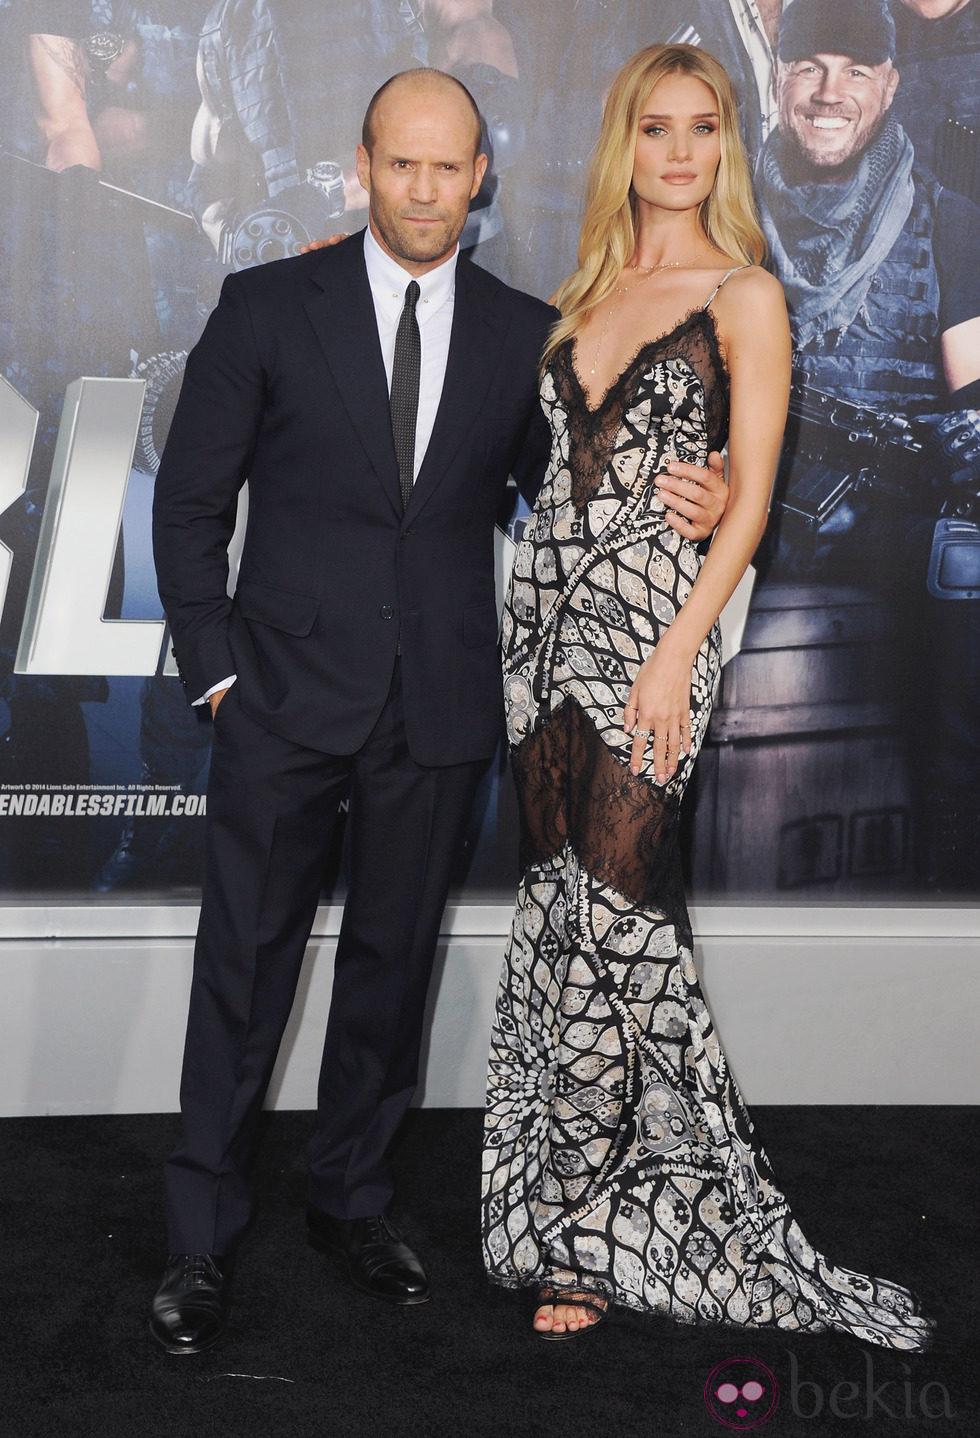 Jason Statham y Rosie Huntington-Whiteley en el estreno de 'Los mercenarios 3' en Los Angeles